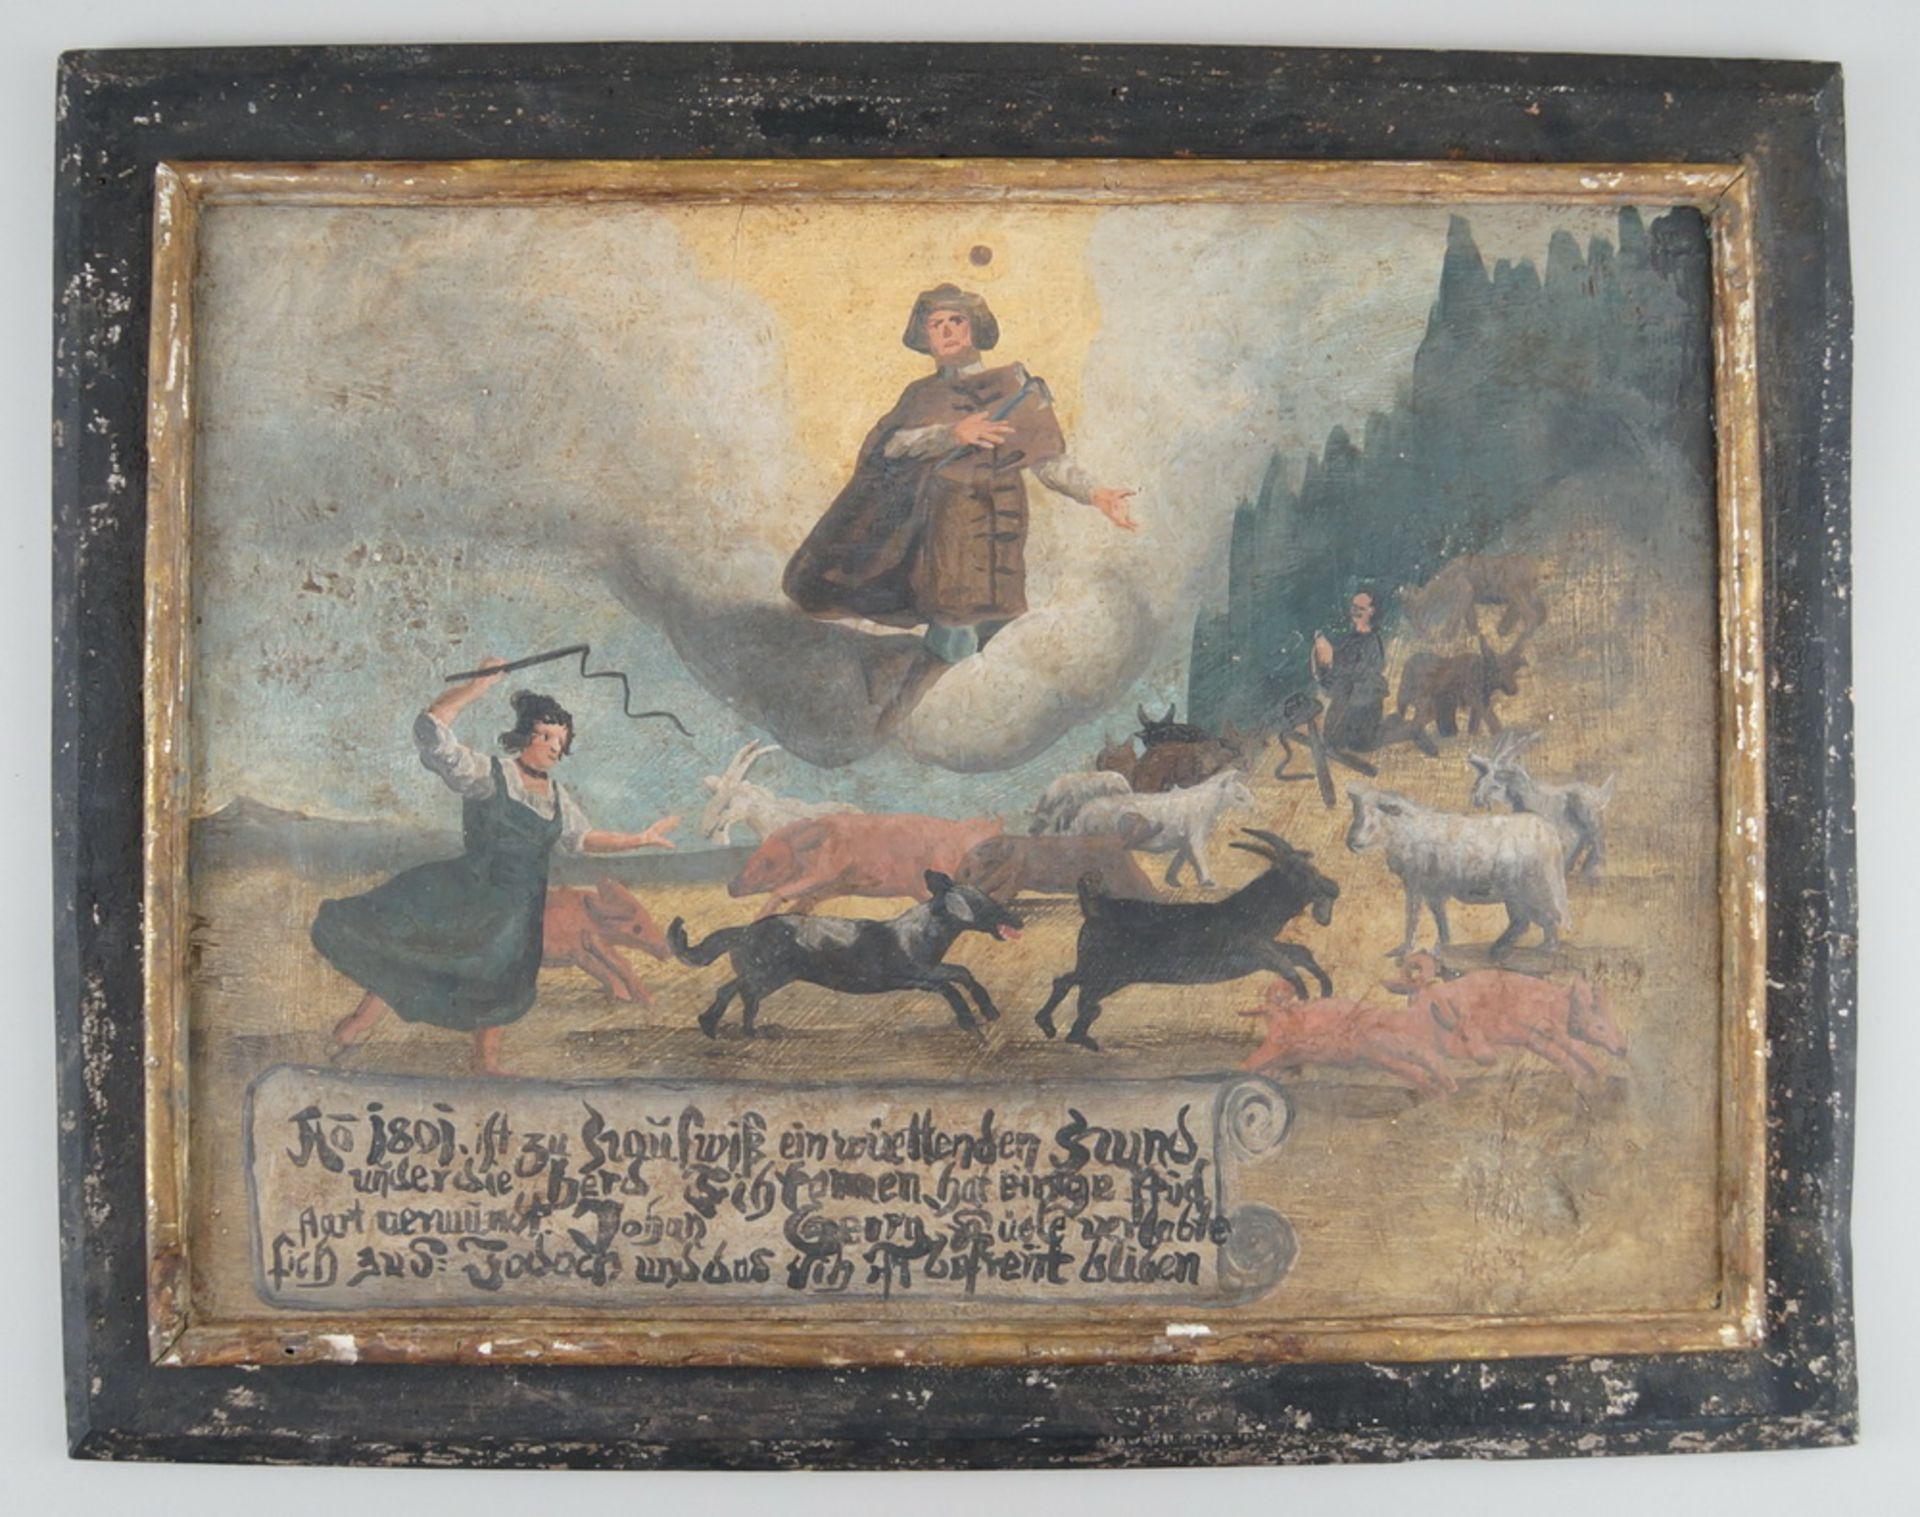 Grosse Votivtafel, Holz bemalt, datiert 1801 mit Sinnspruch, 45,5x58cm